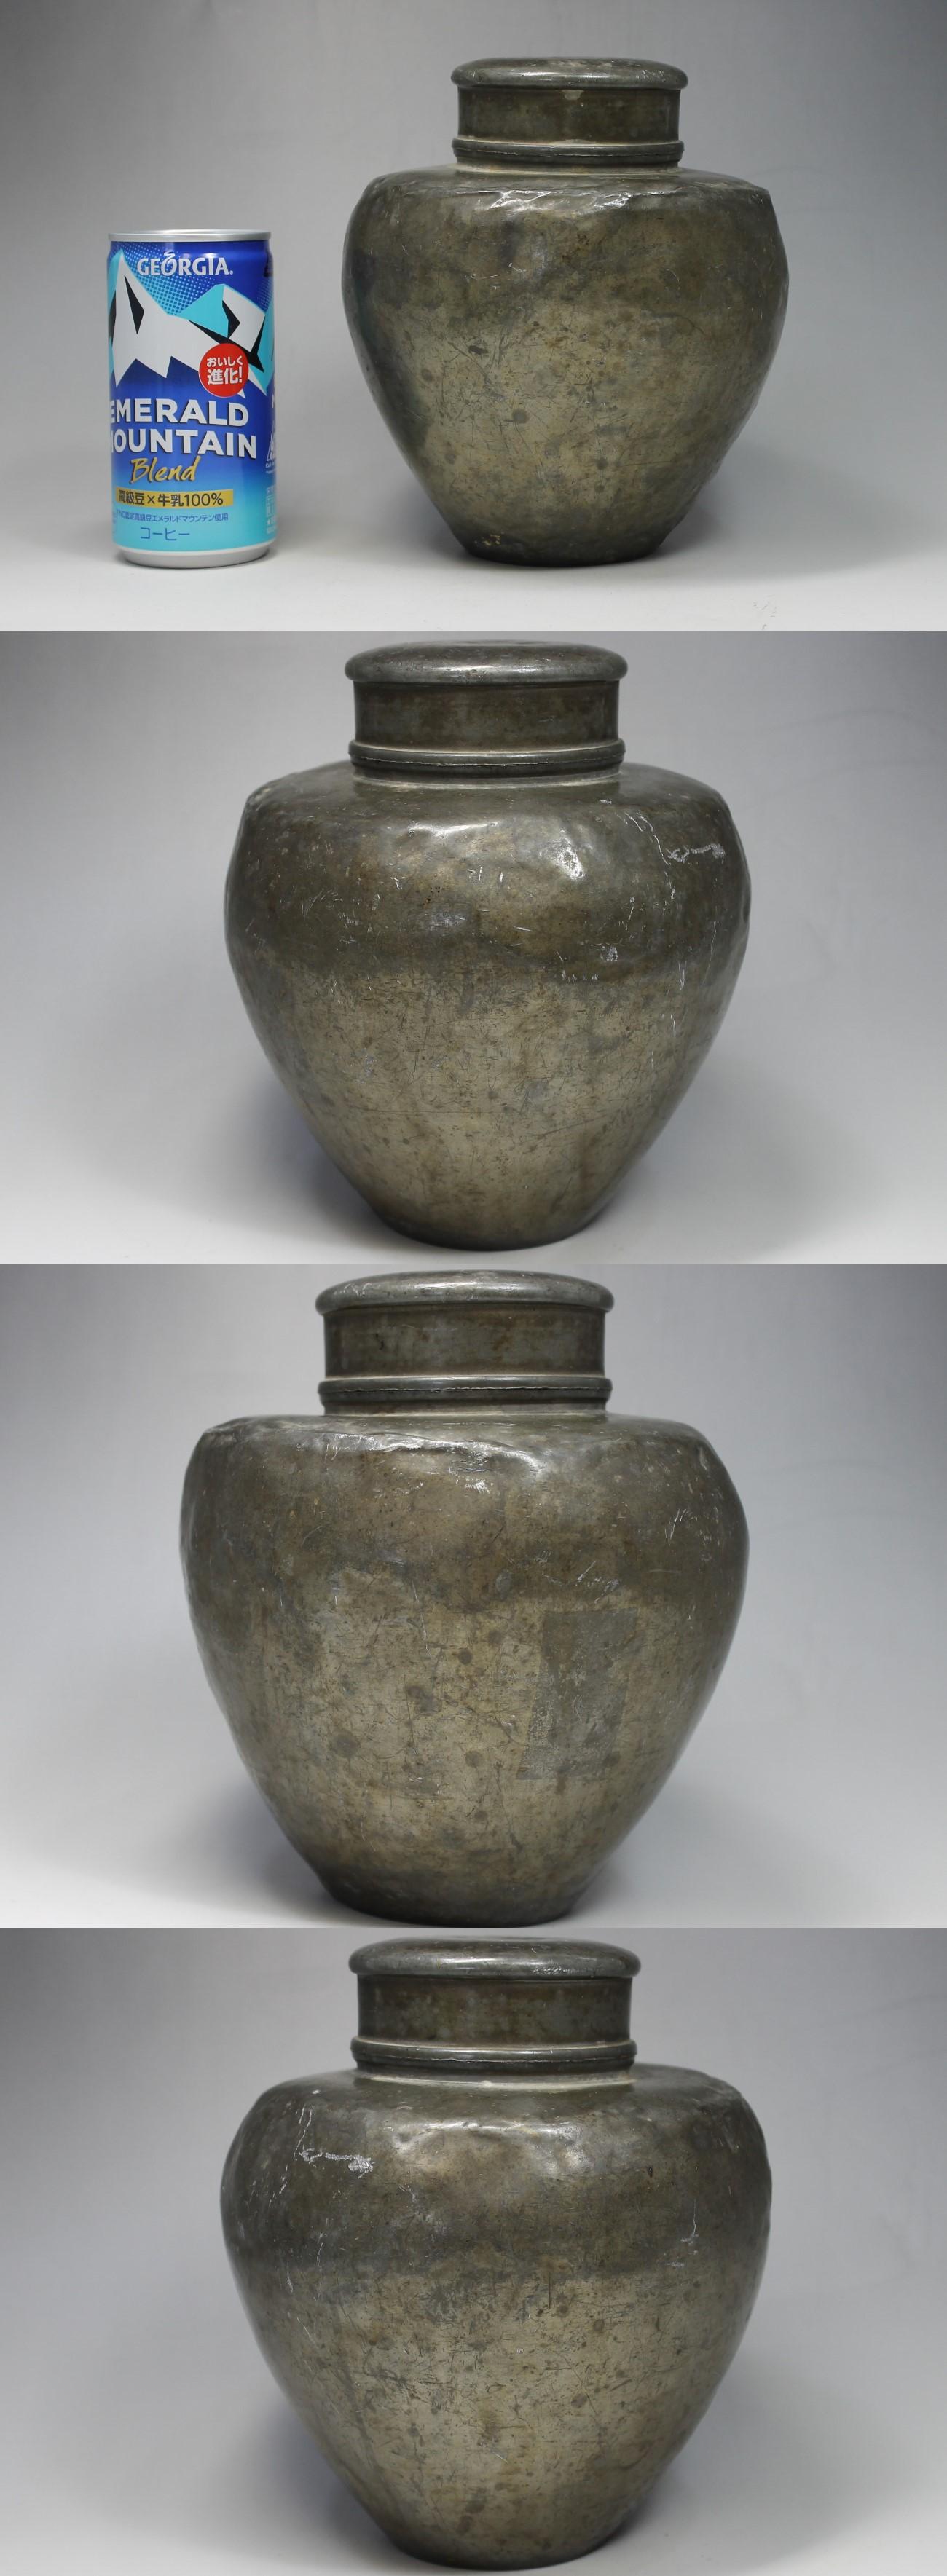 1432634595 錫茶壺1 - コピー - コピー